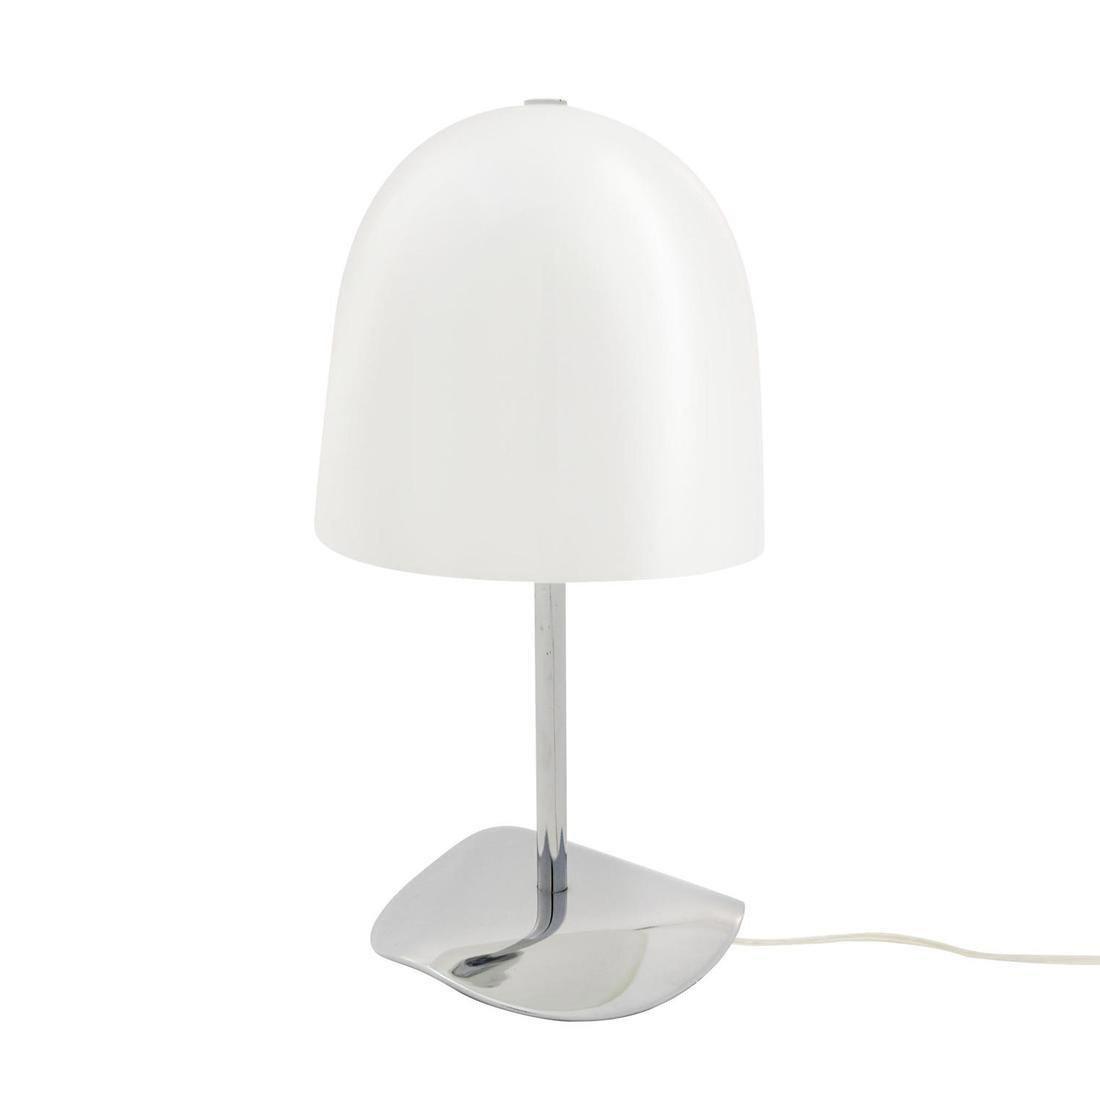 Lampe, e14 Shiny, verre blanc, 11 W